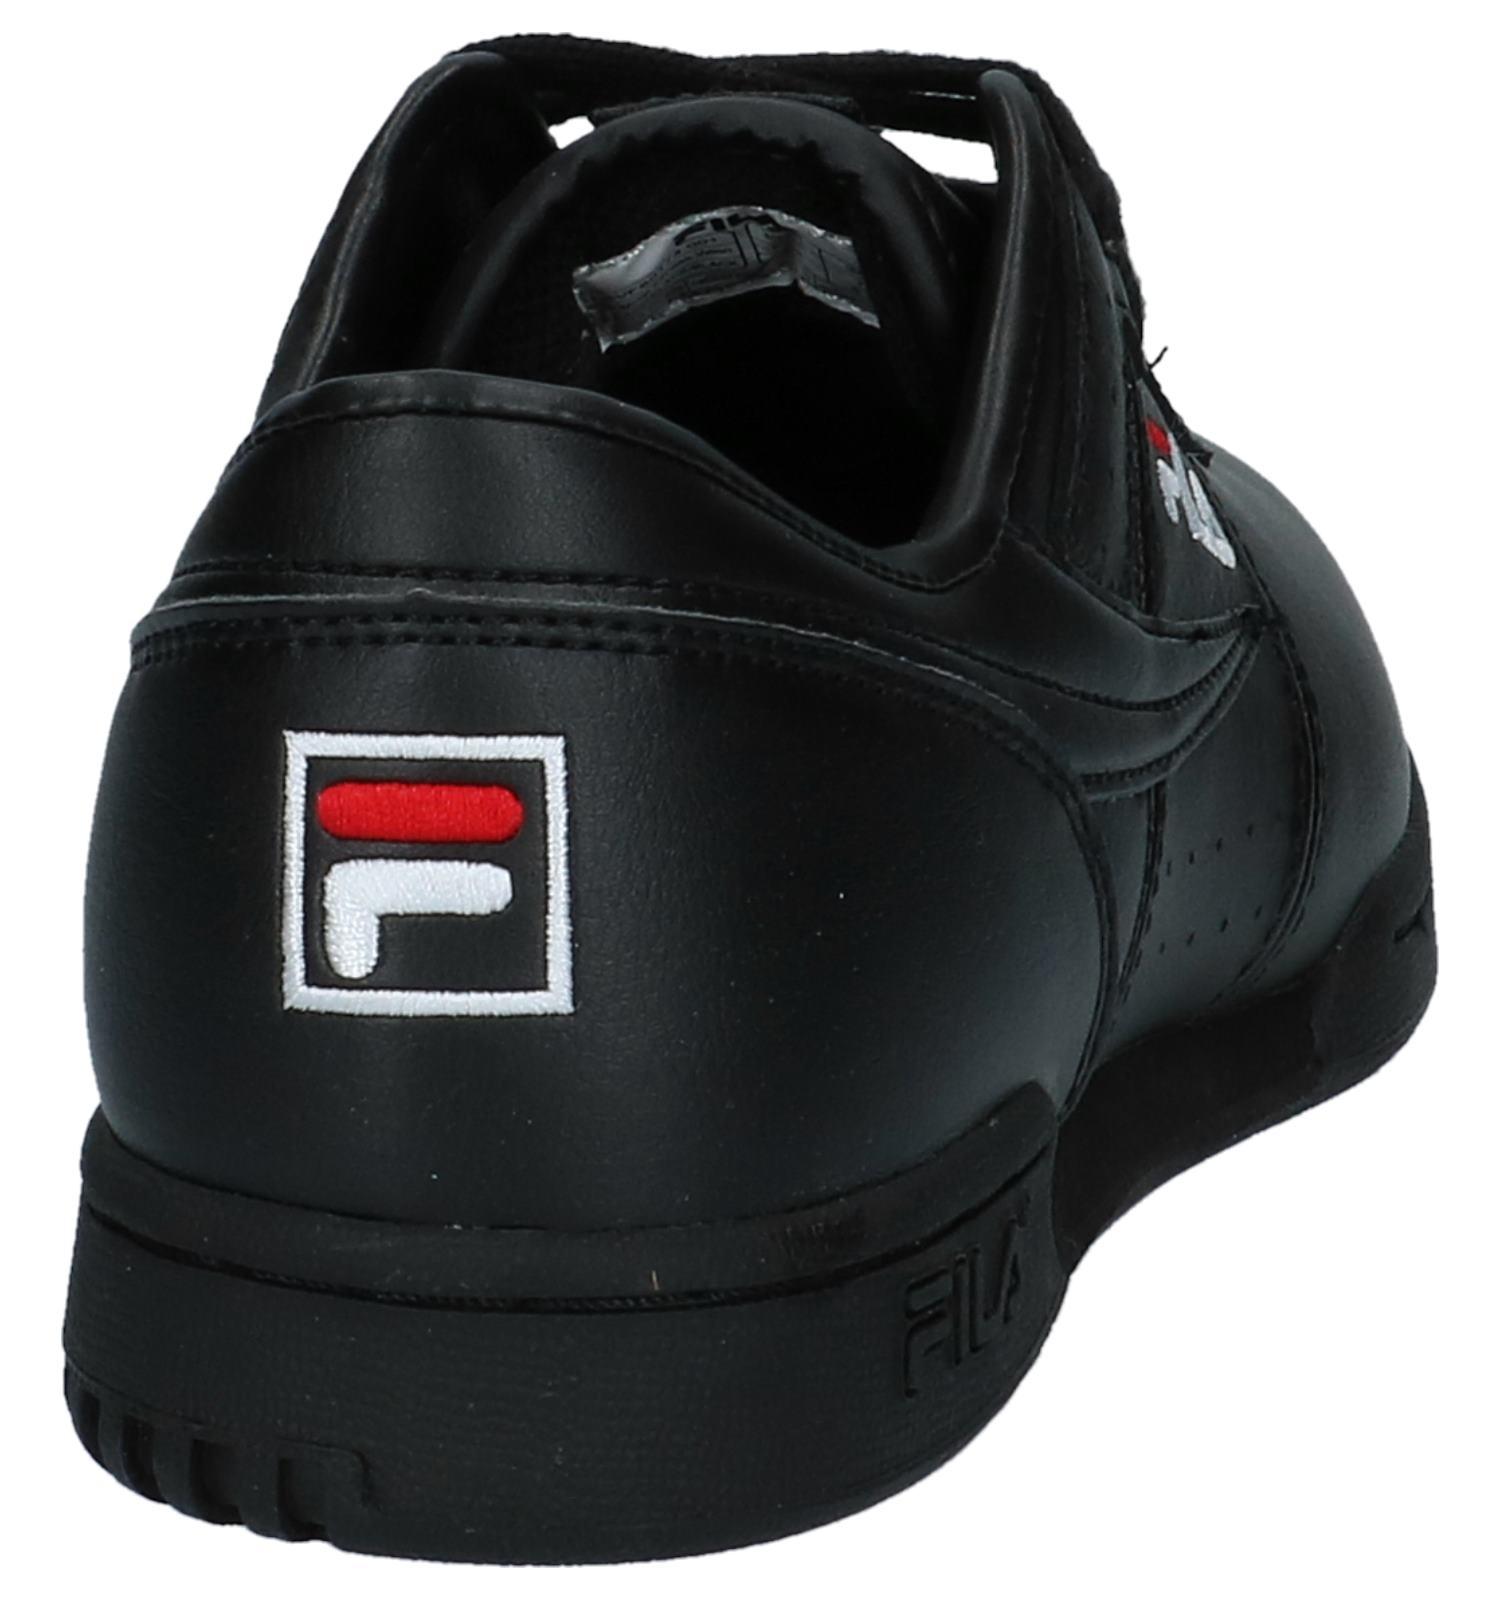 Original Sneakers Fila Fila Zwarte Original Fitness Fitness 0ym8OvNnwP